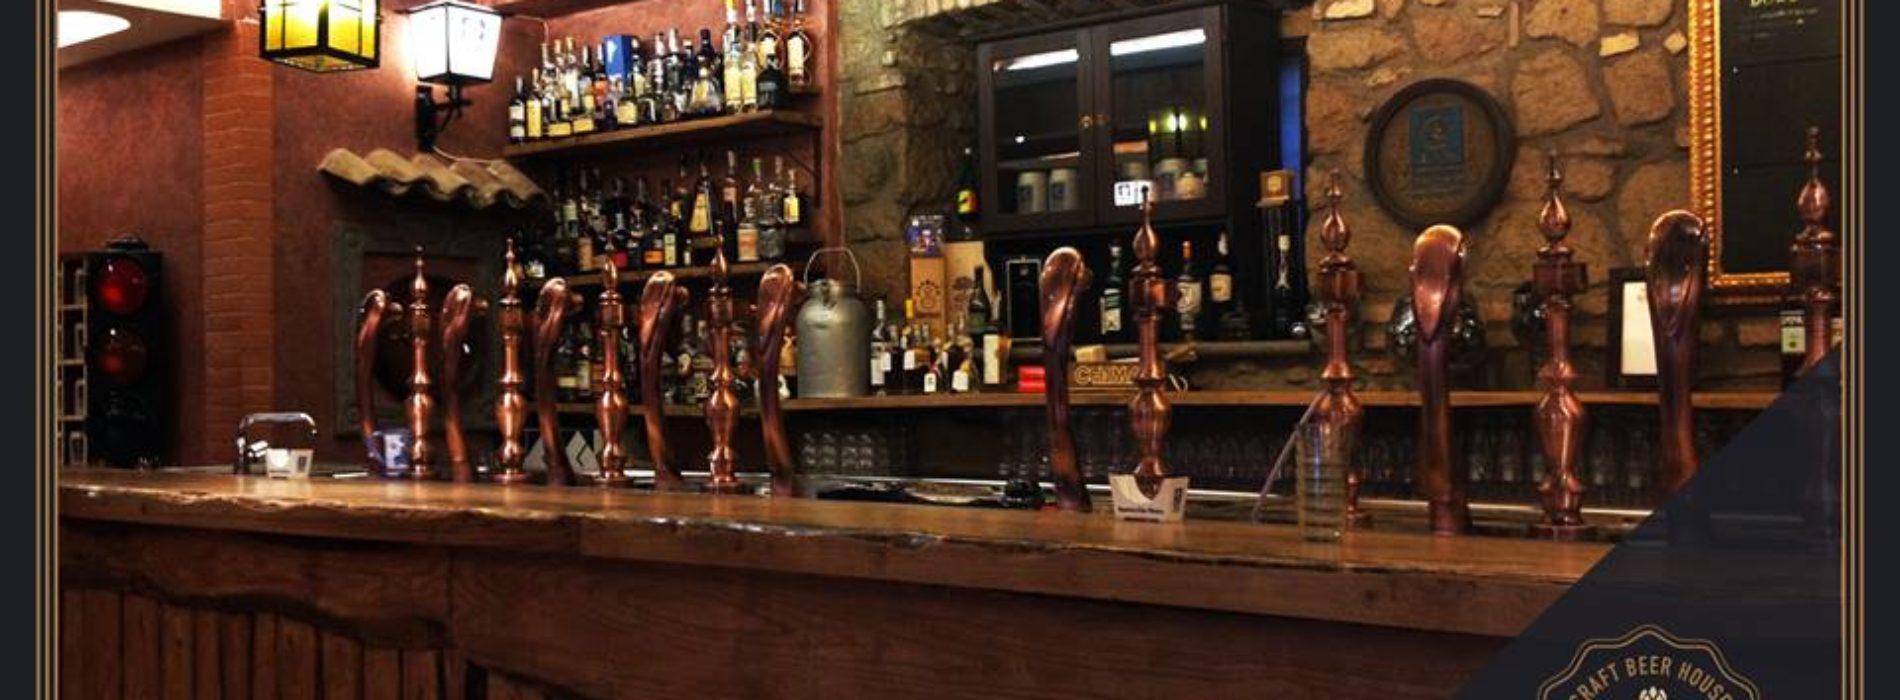 Ninkasi Craft Beer House Roma, a San Giovanni il nuovo locale dedicato alle birre artigianali (e non solo)